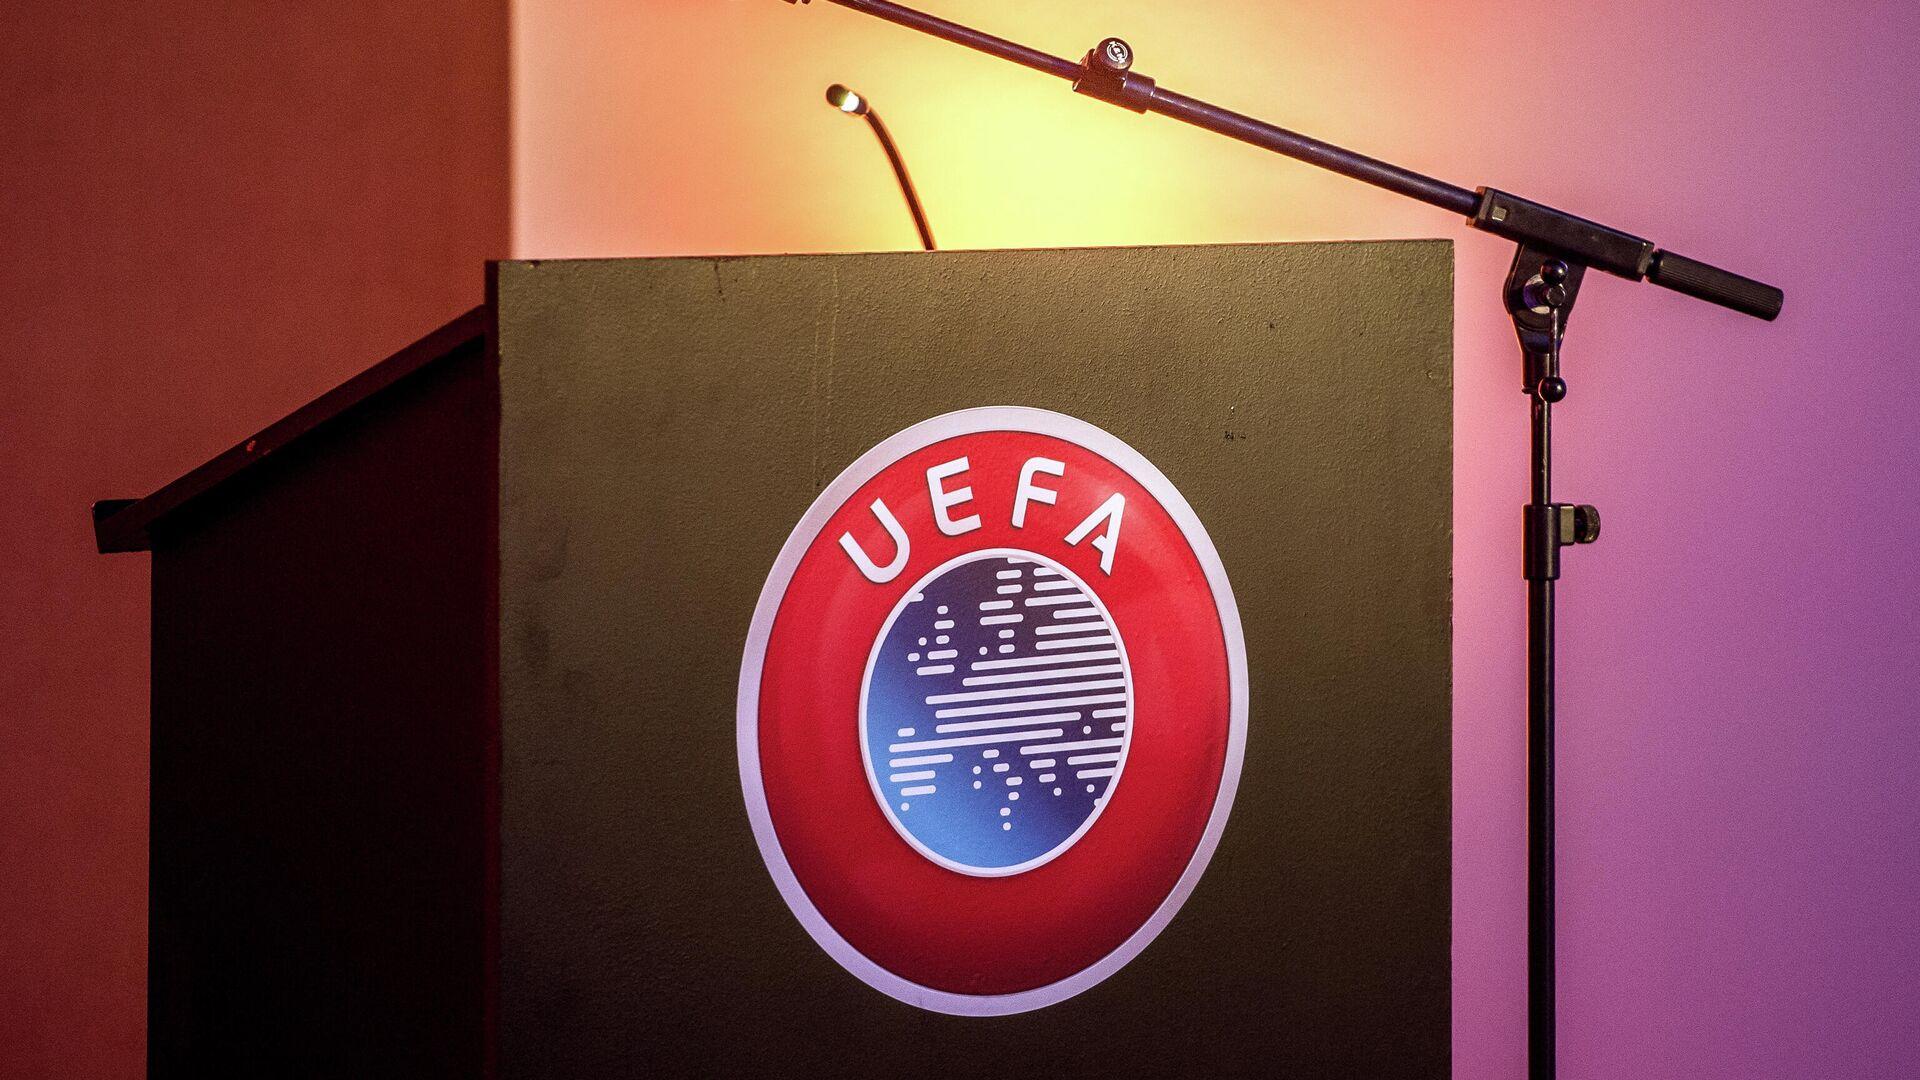 Логотип Союза европейских футбольных ассоциаций (УЕФА) - РИА Новости, 1920, 22.04.2021